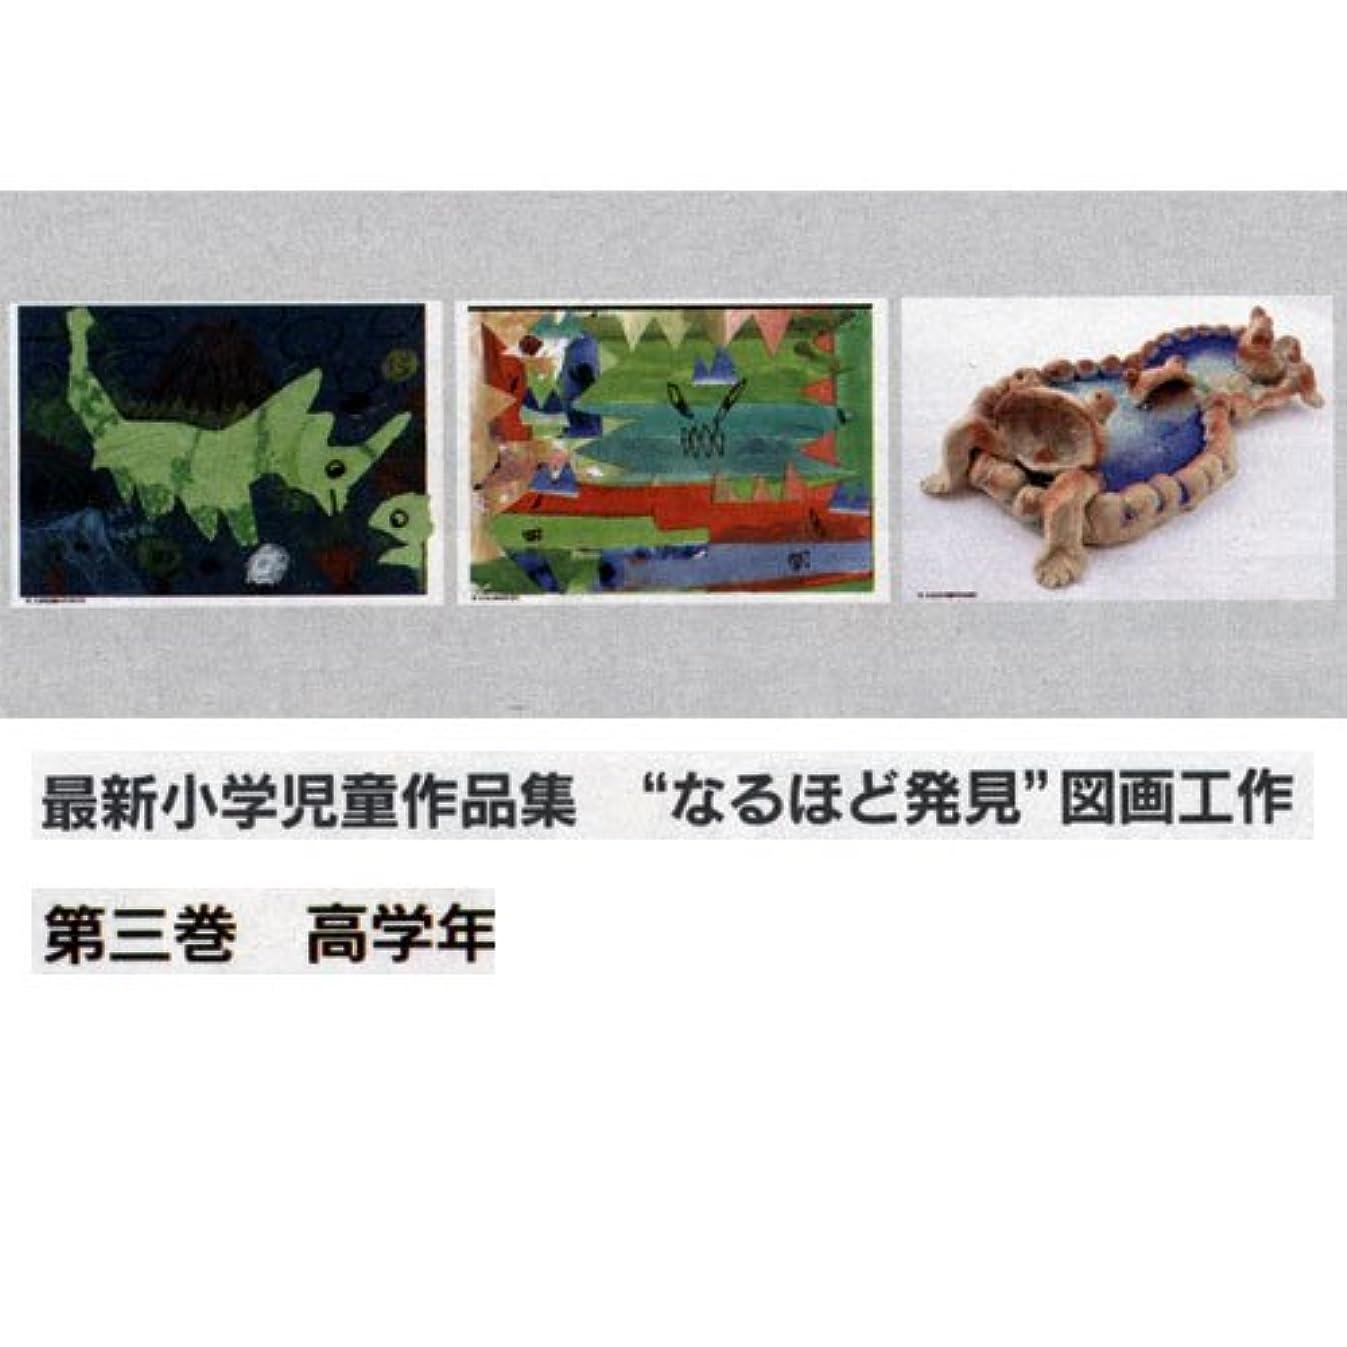 永遠のめったにどれか児童作品集なるほど発見図画工作第3巻高 B51-2113